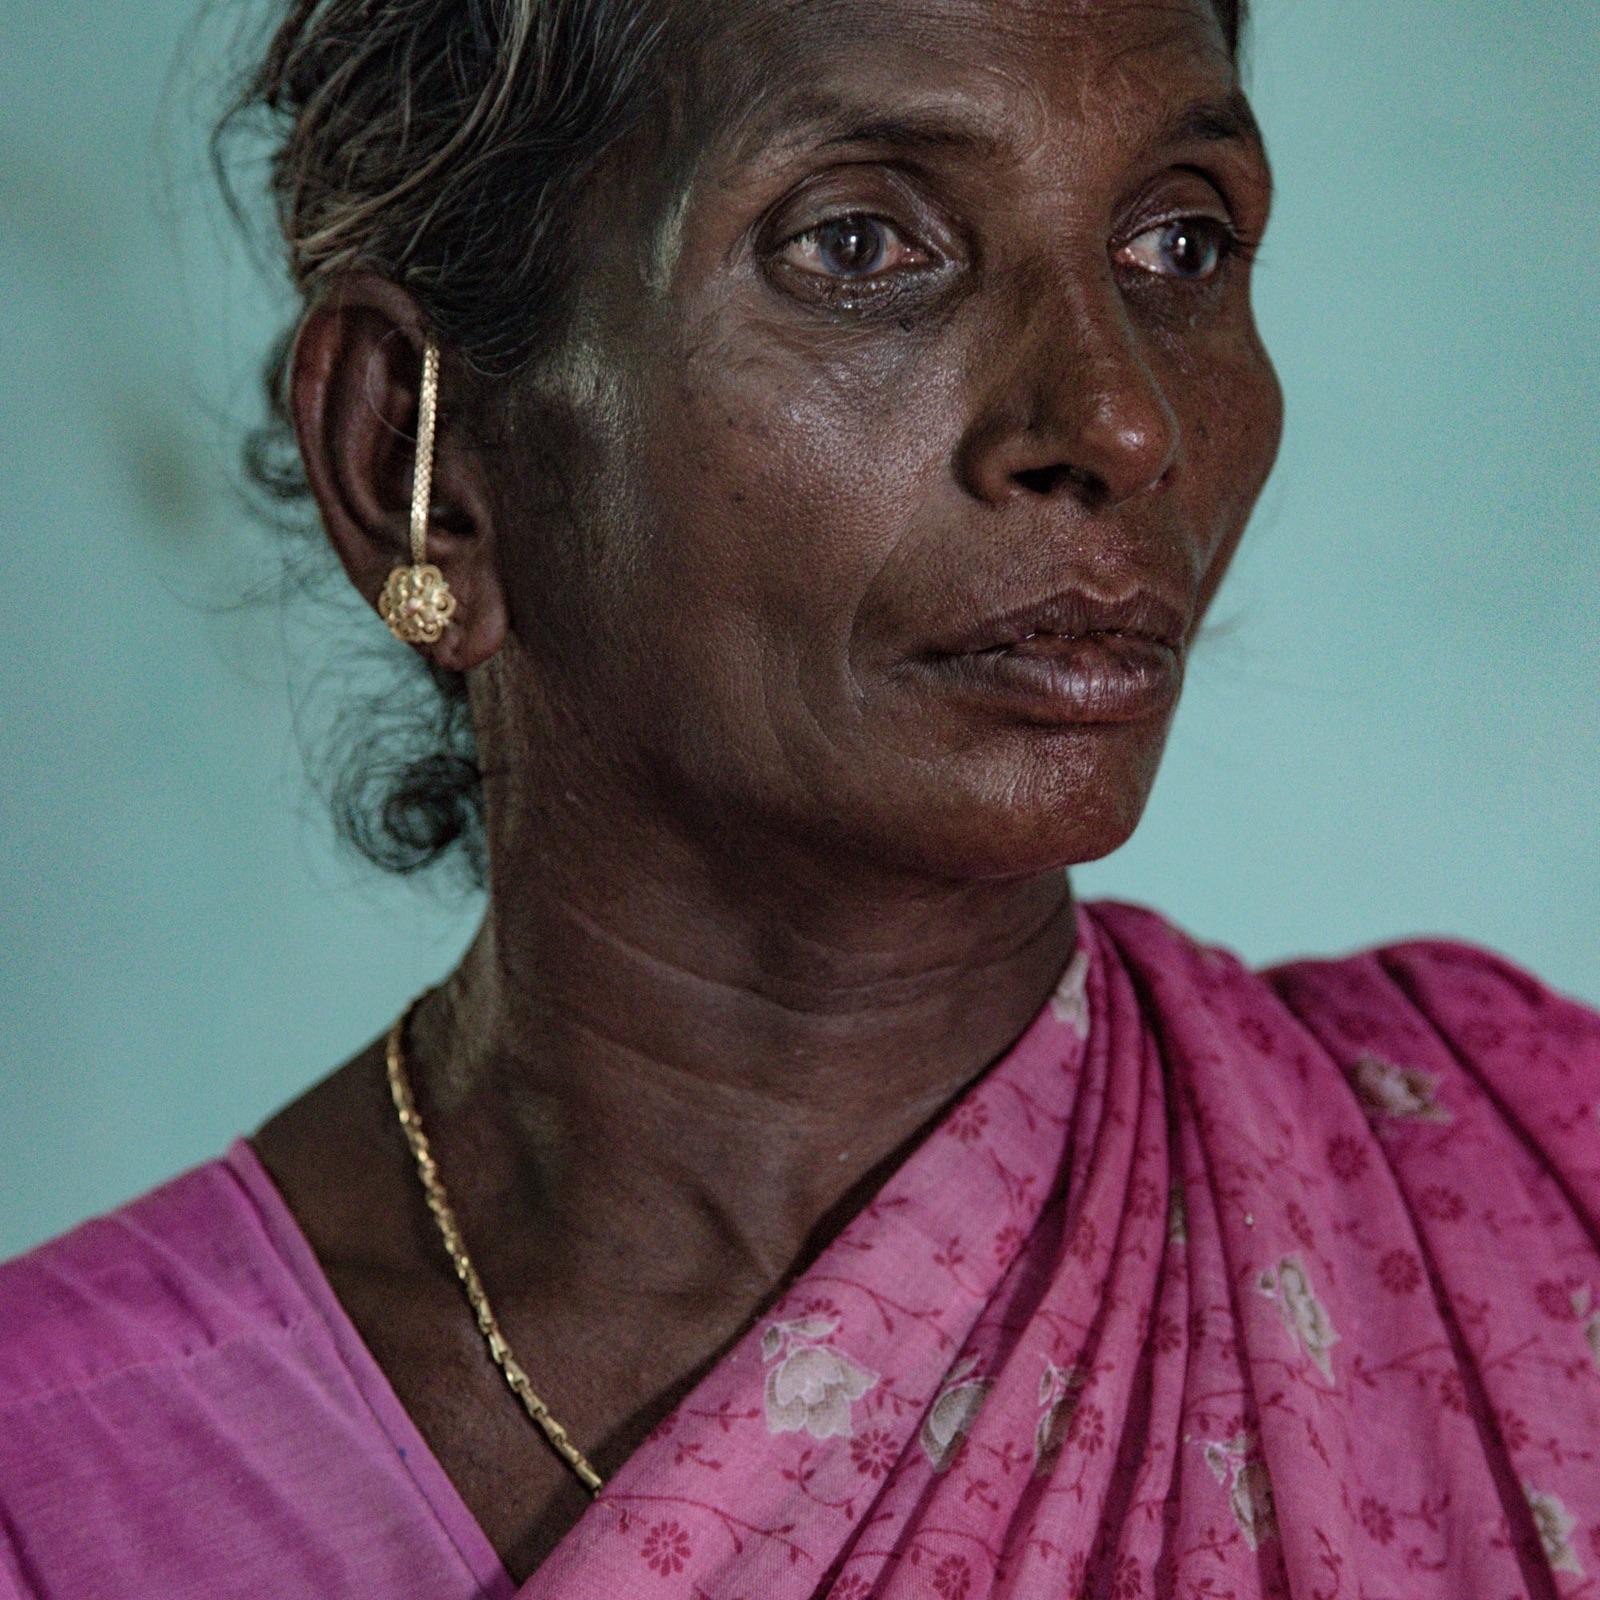 foto door Federico Borella van een portret van een Indiase vrouw met tranen in haar ogen